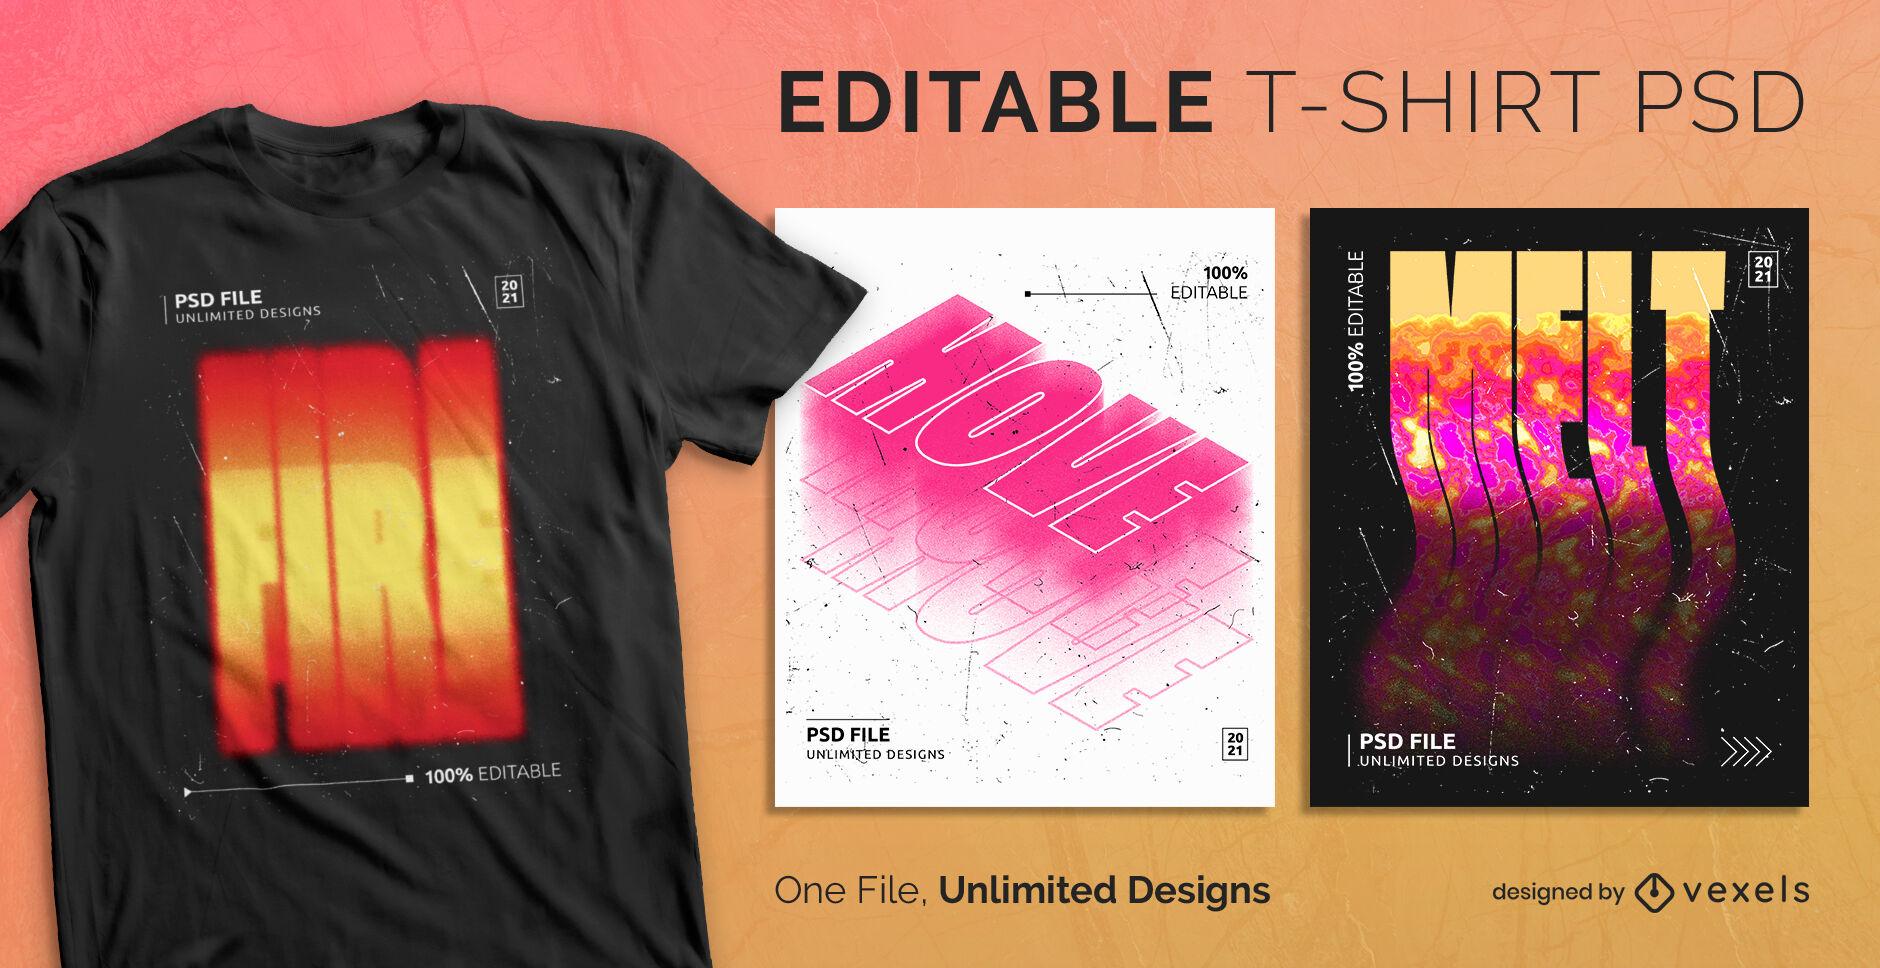 Diseño de camiseta psd escalable degradado ardiente